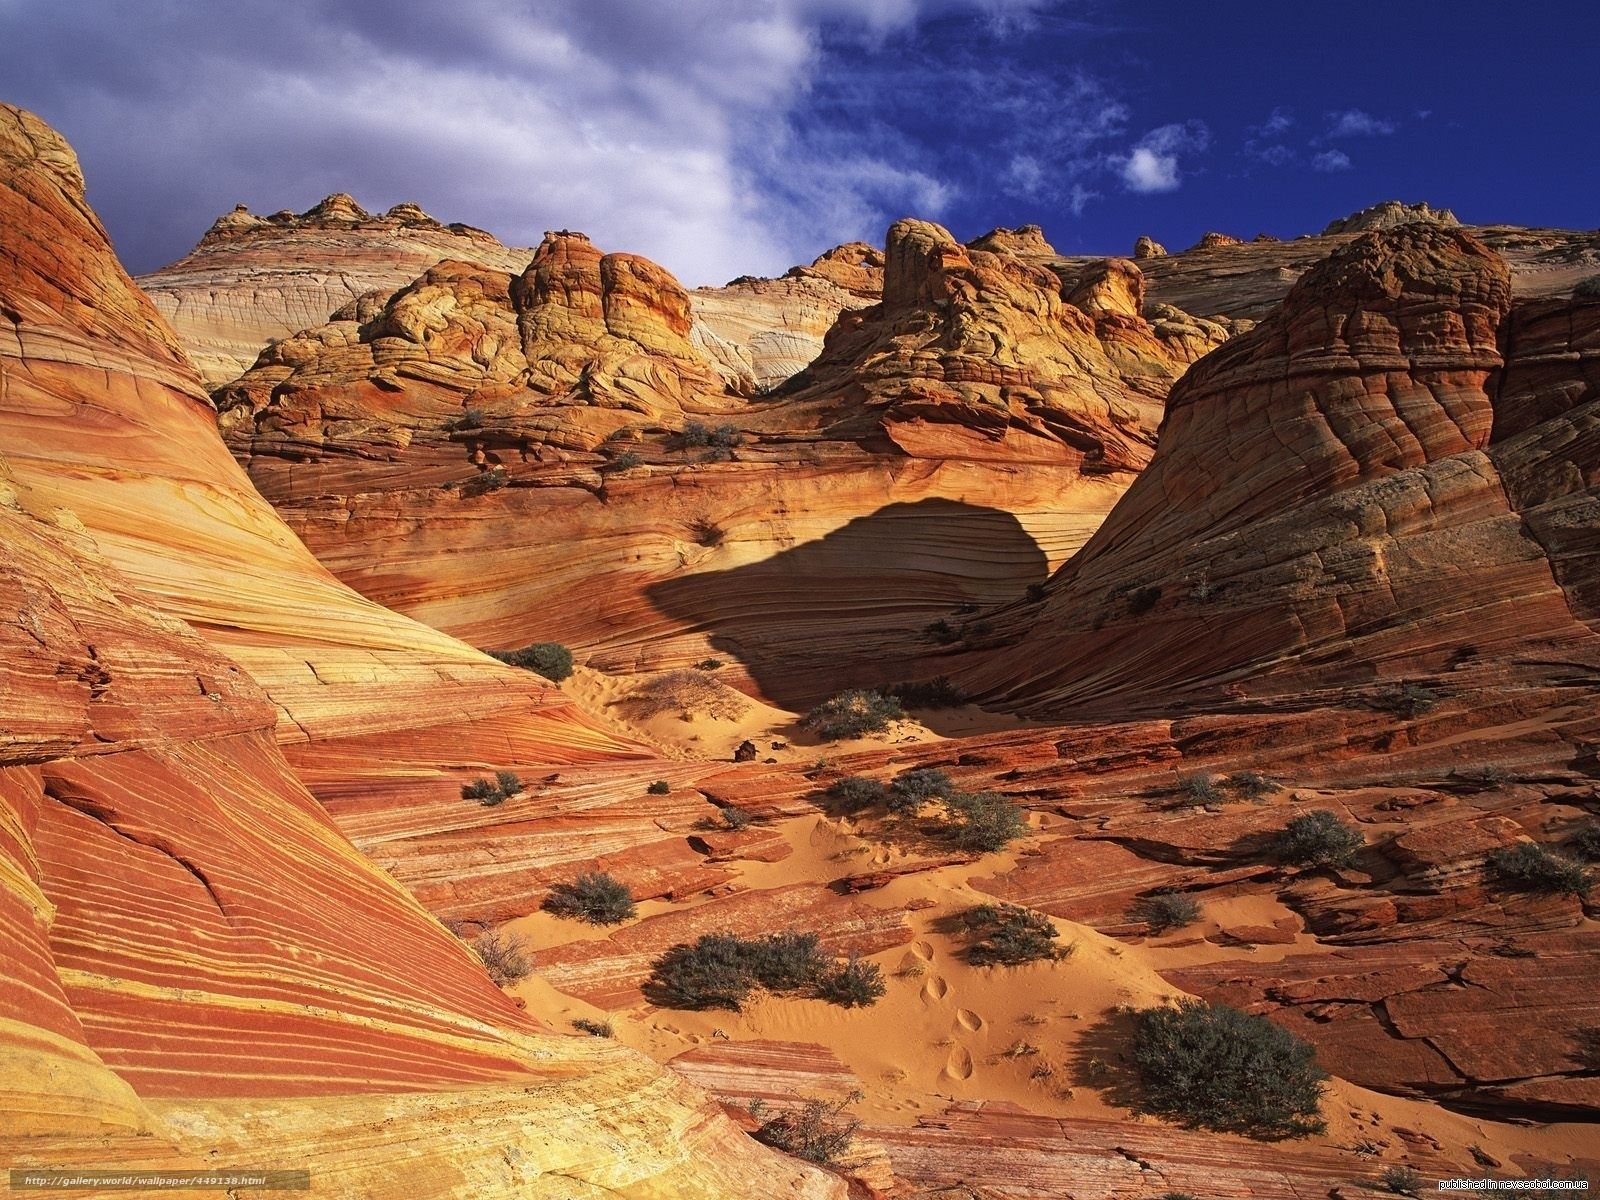 desert landscape wallpaper - photo #18